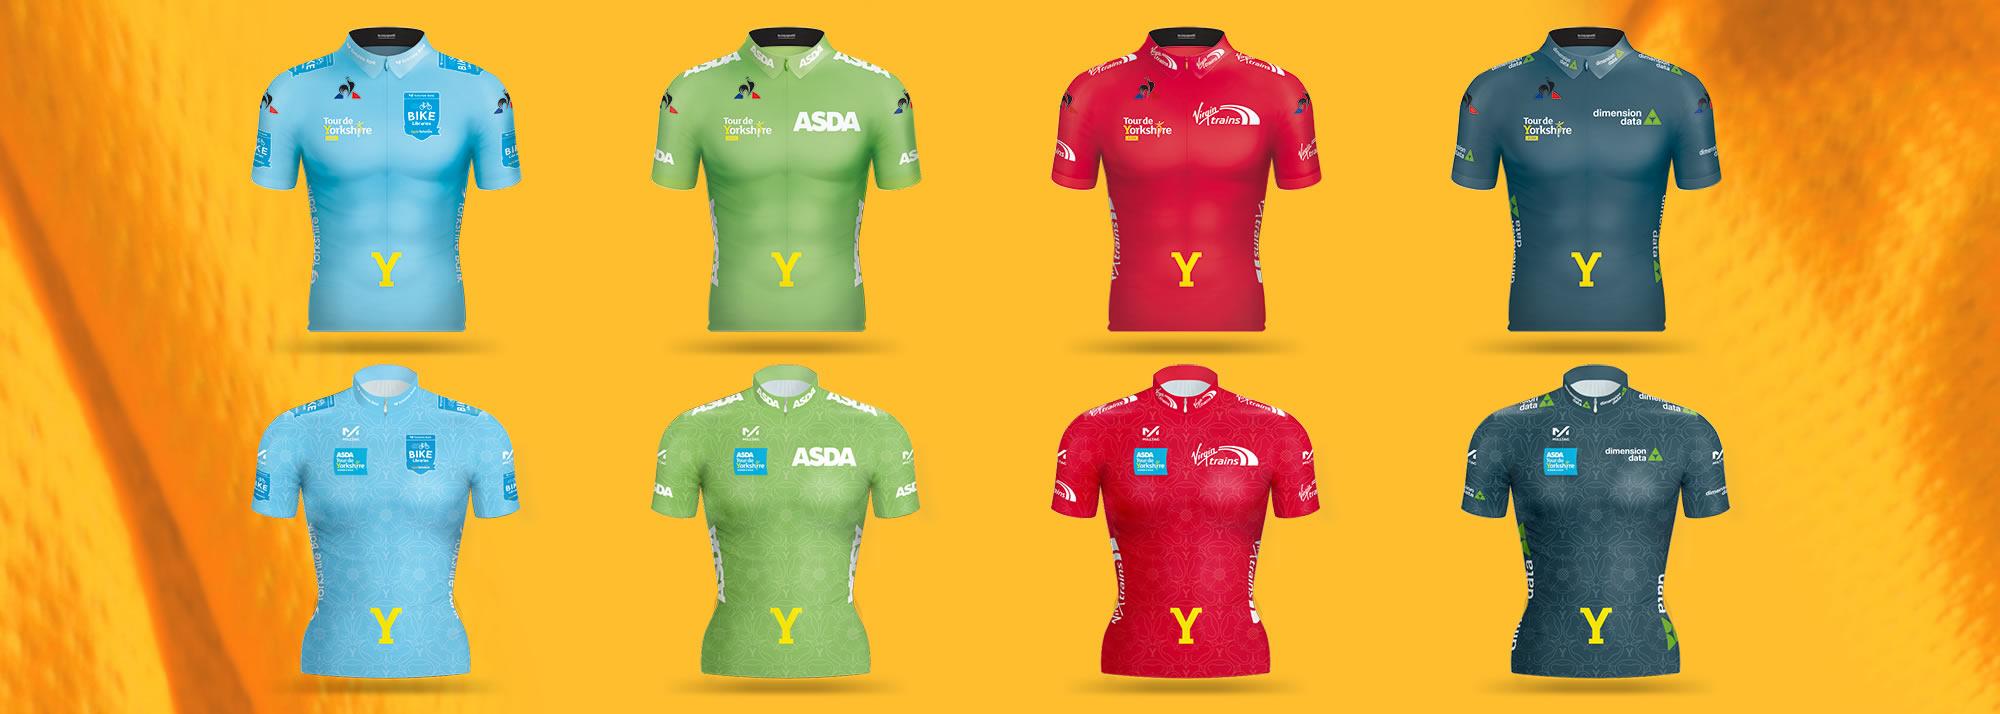 New Tour de Yorkshire jerseys unveiled  758966c9c